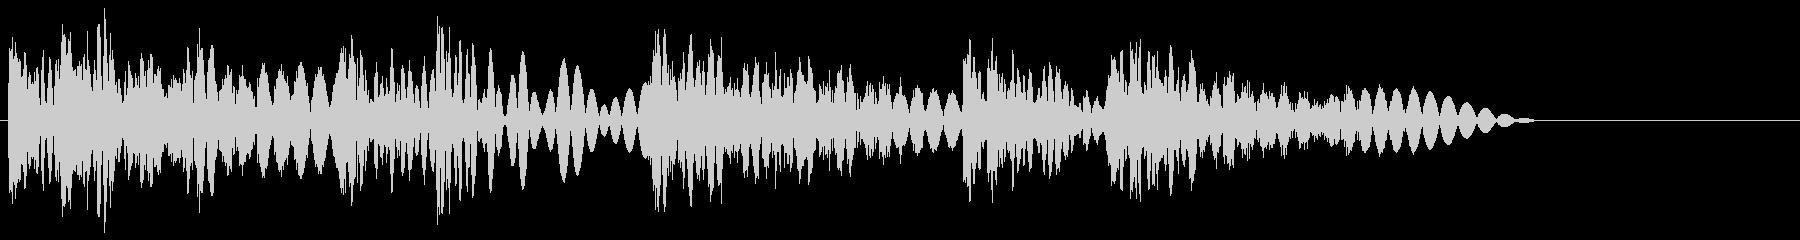 ボコボコッビシバシ(ラッシュ攻撃)の未再生の波形